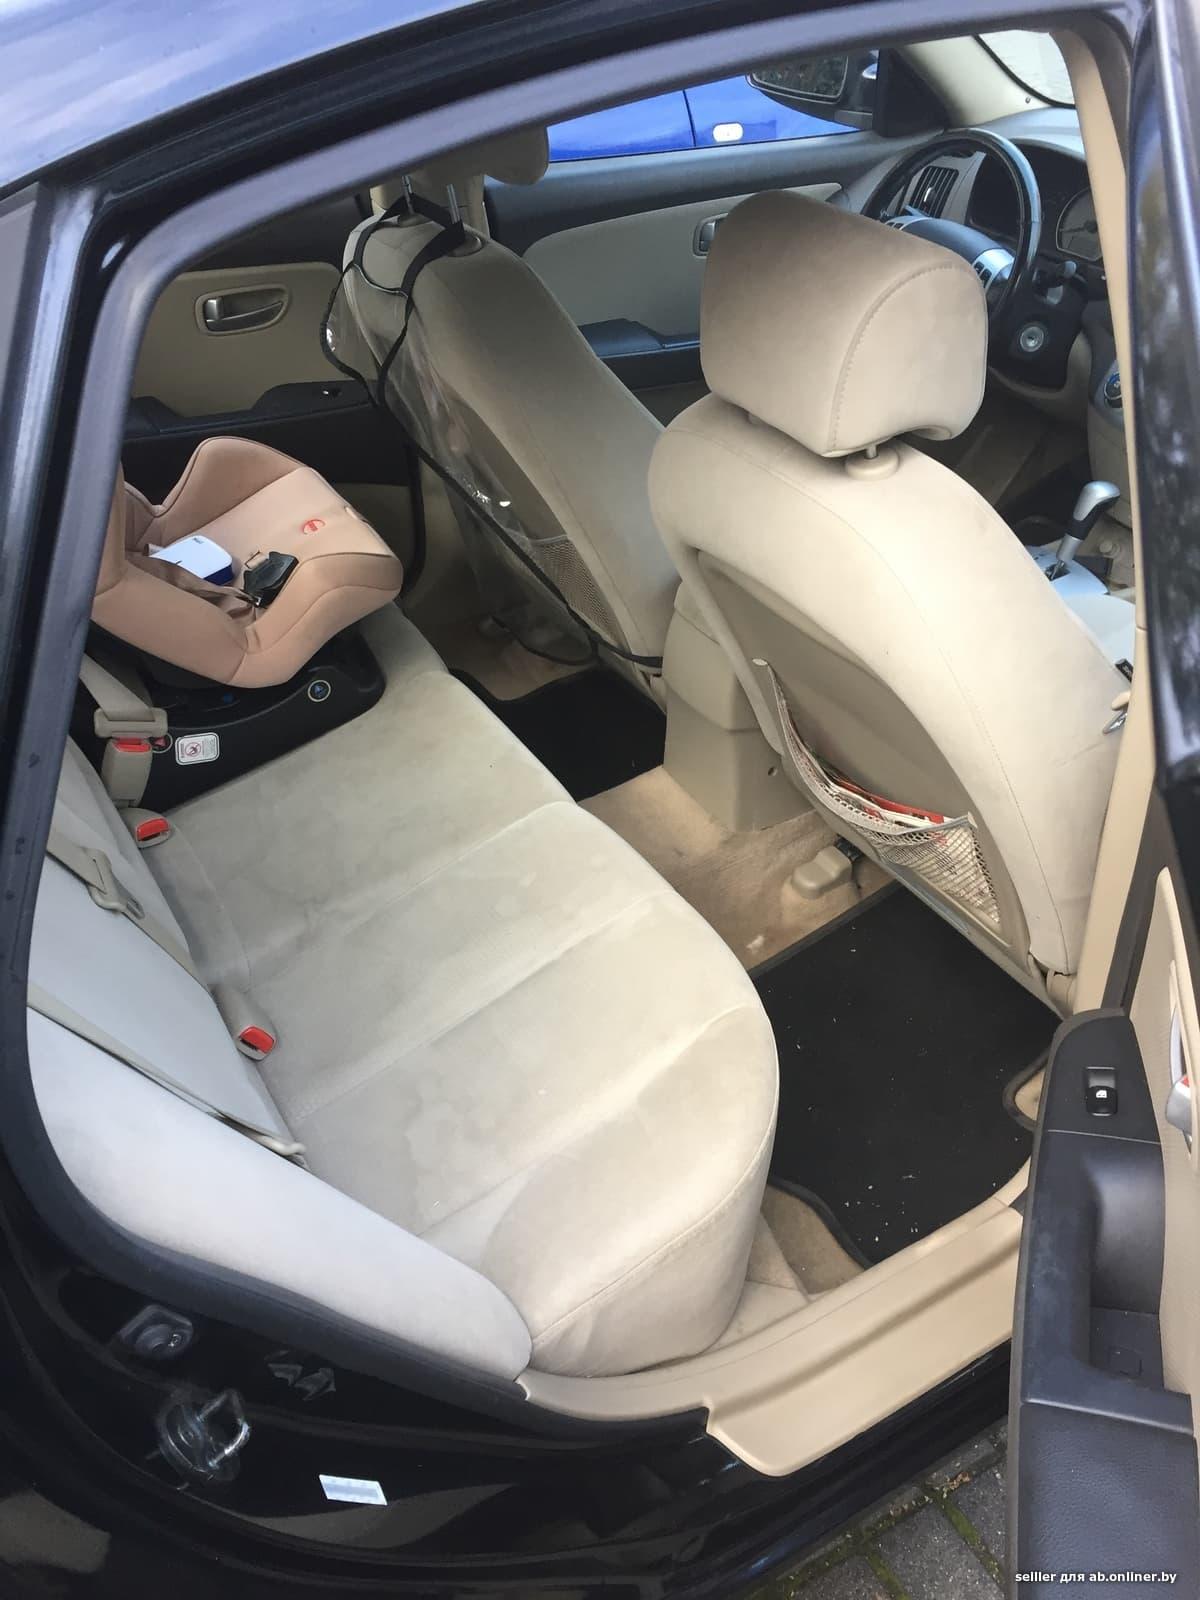 Hyundai Elantra HD